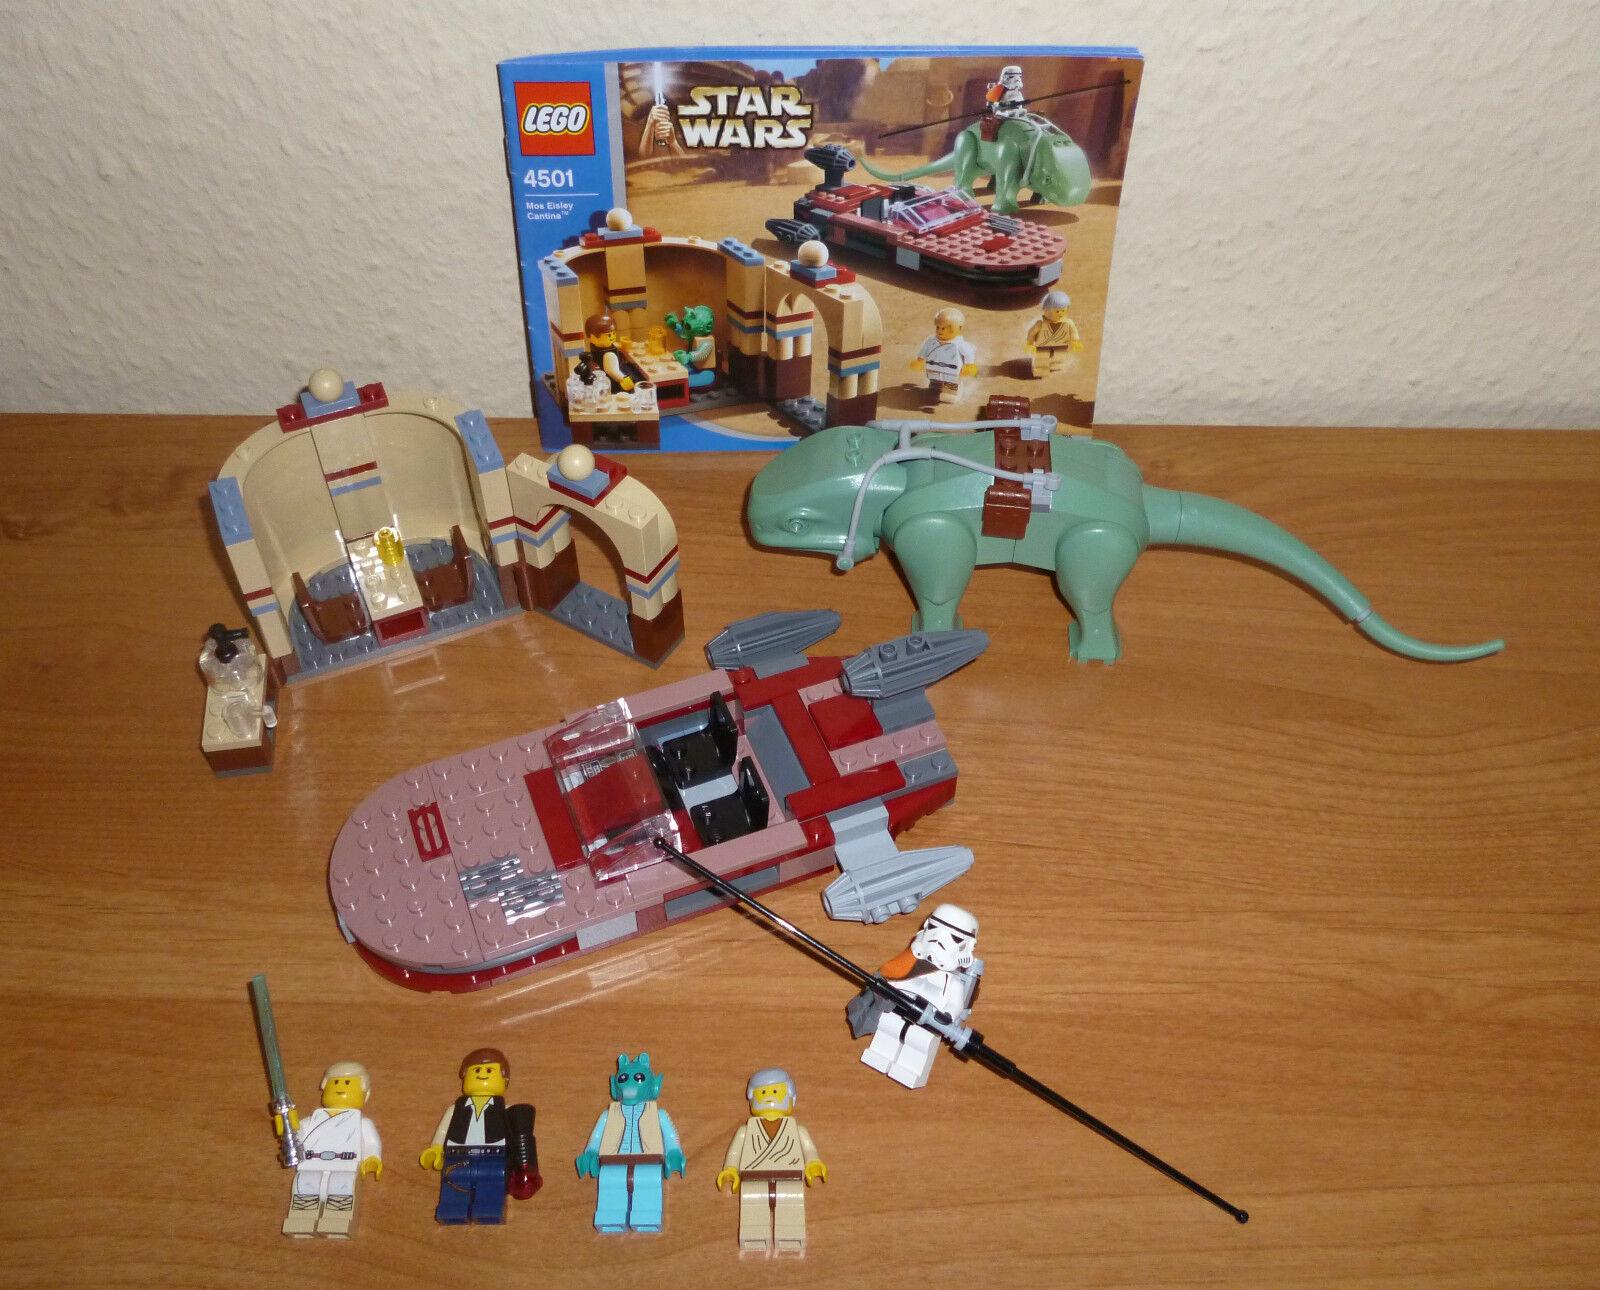 LEGO Star Wars   4501 Mos Eisley Cantina, komplett mit Figuren und BA